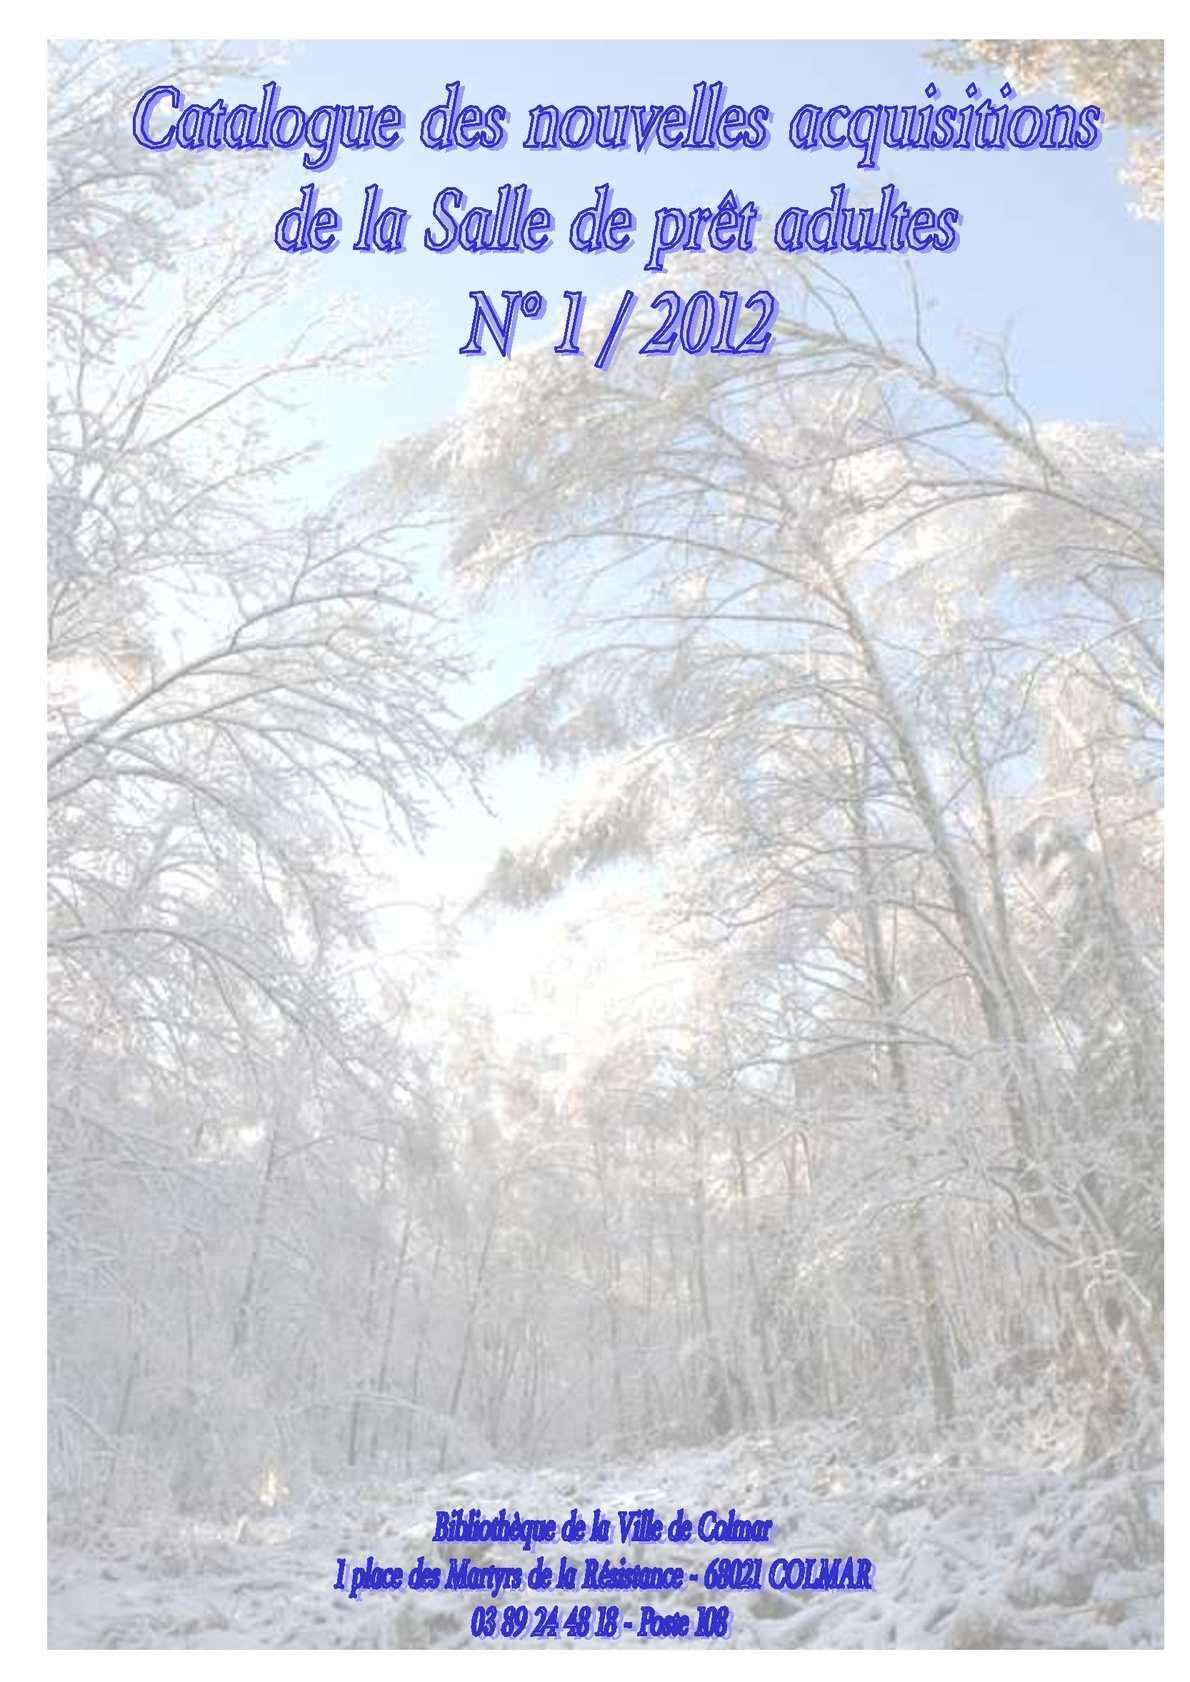 Calaméo - Catalogue nouveautés lecture publique adultes 966d36251f5